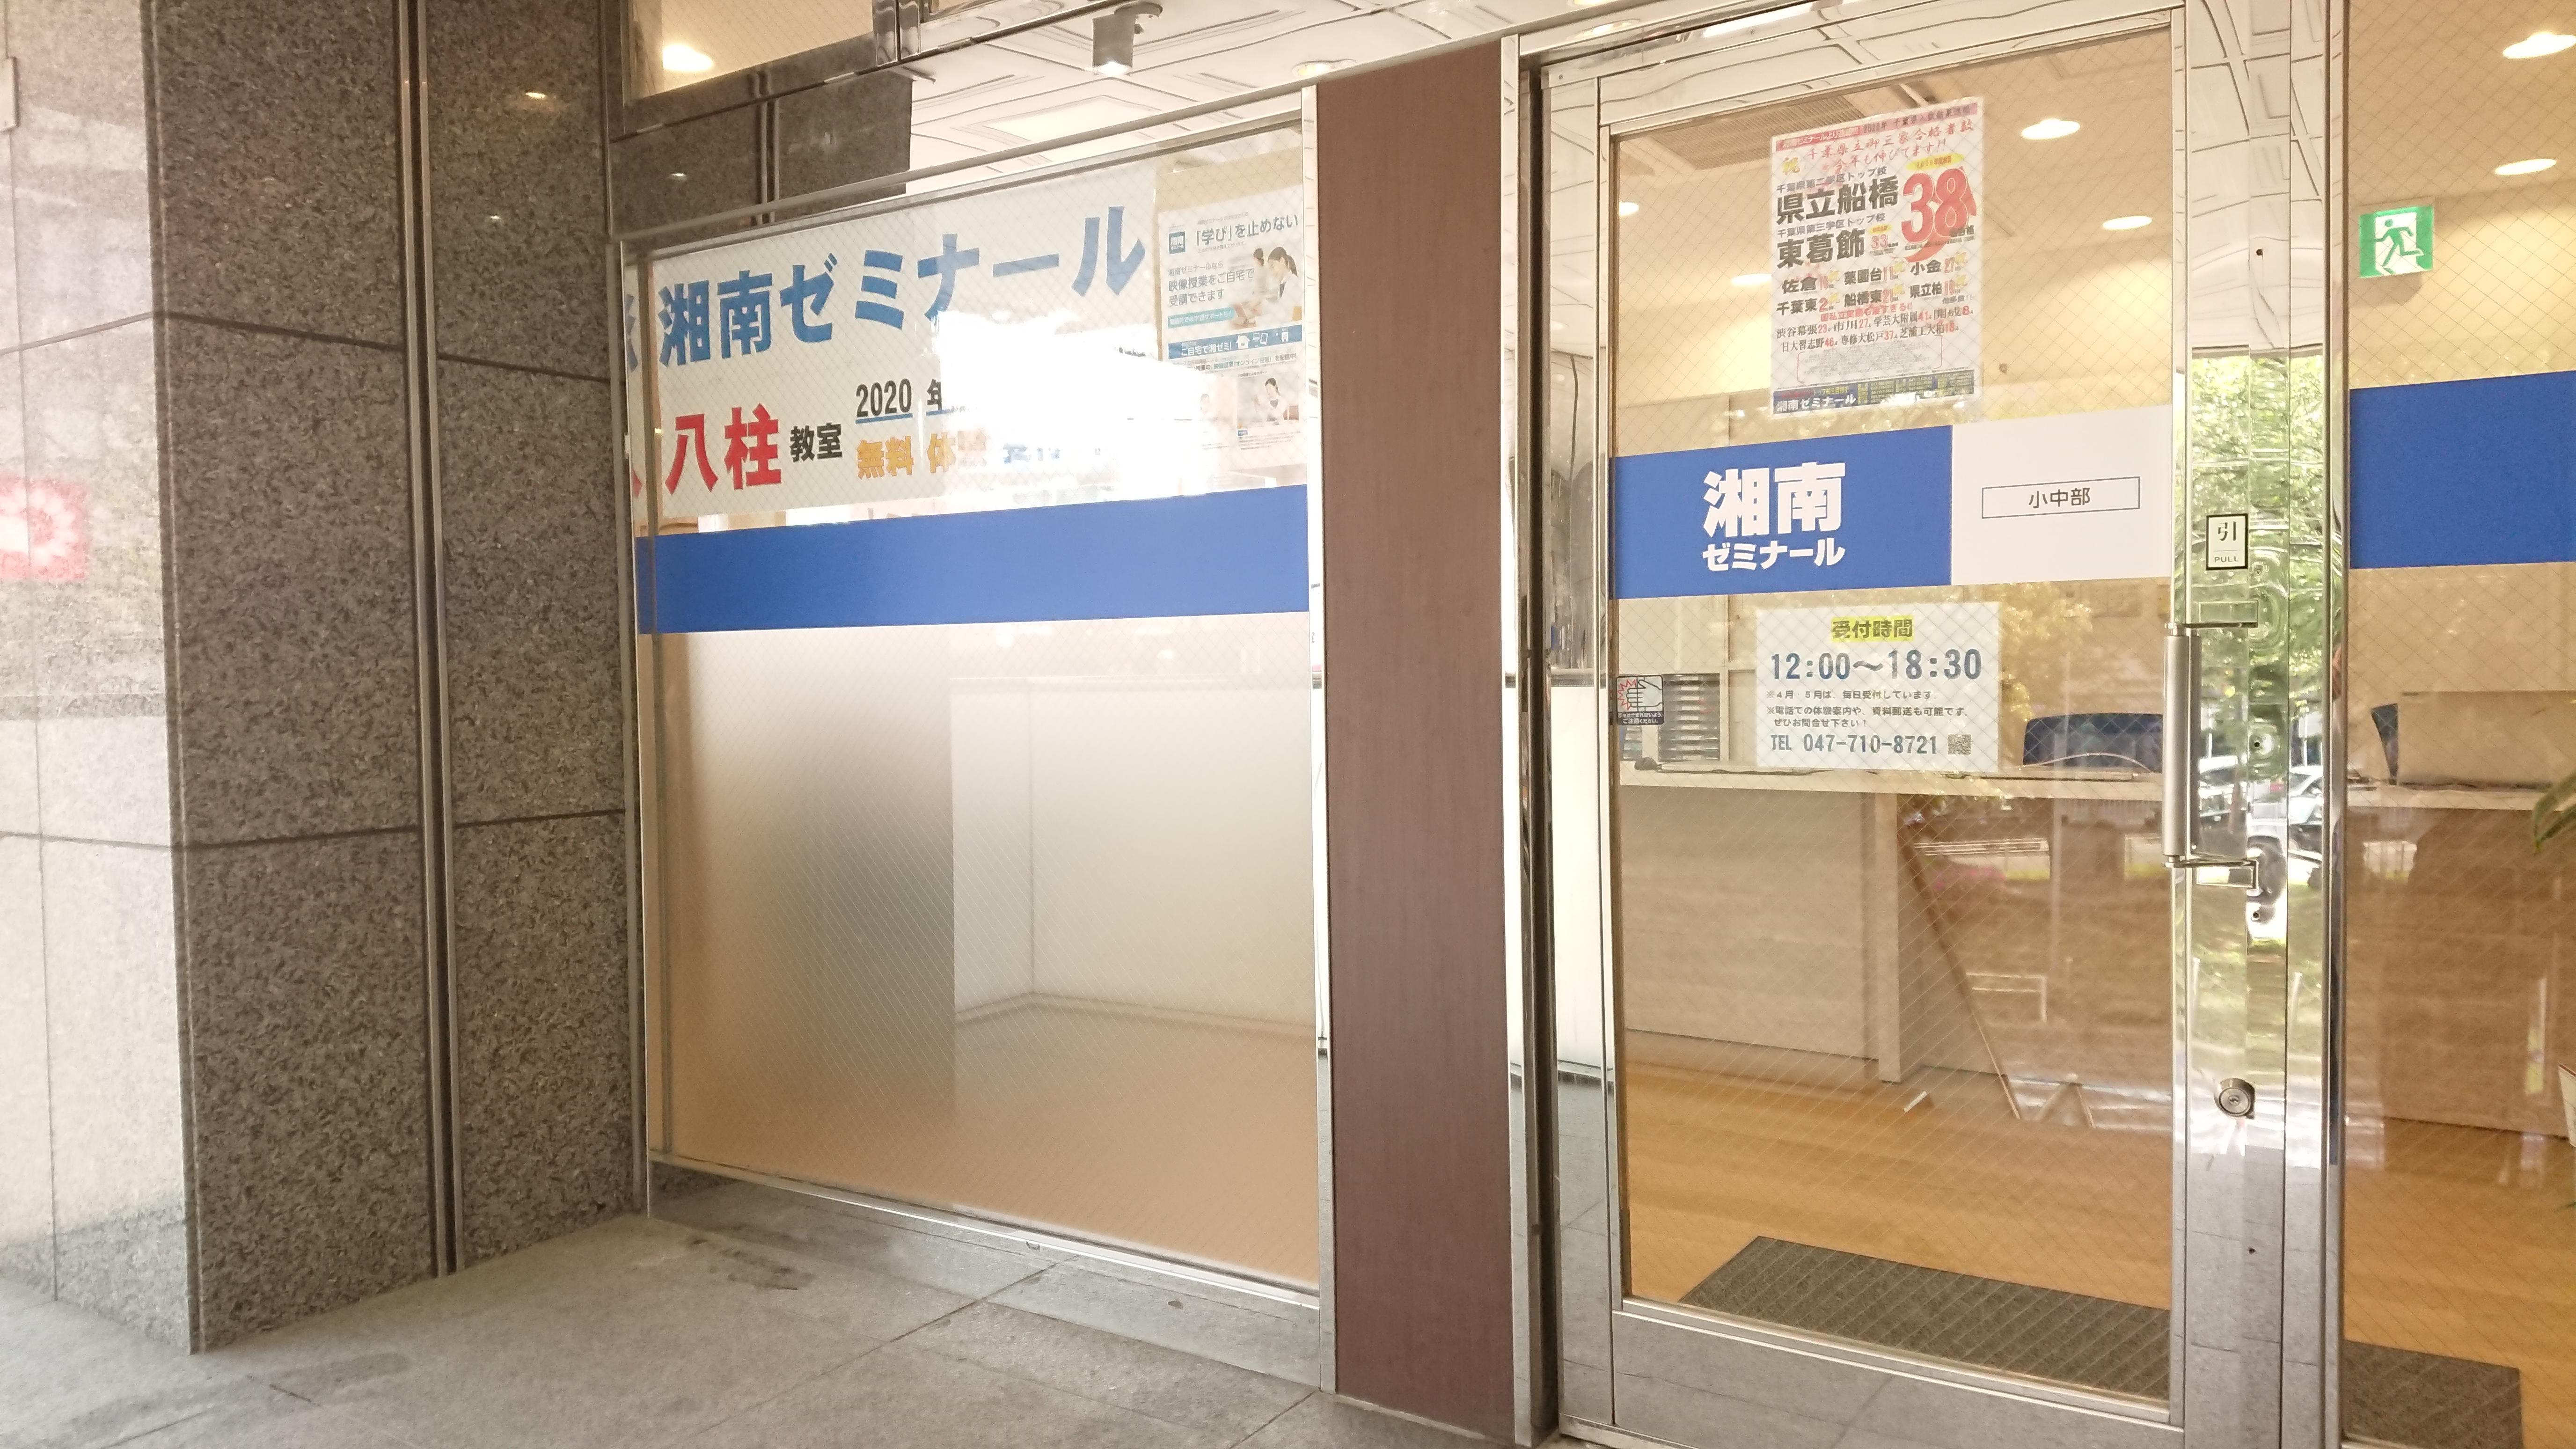 DSC_2064.JPG_1.jpg